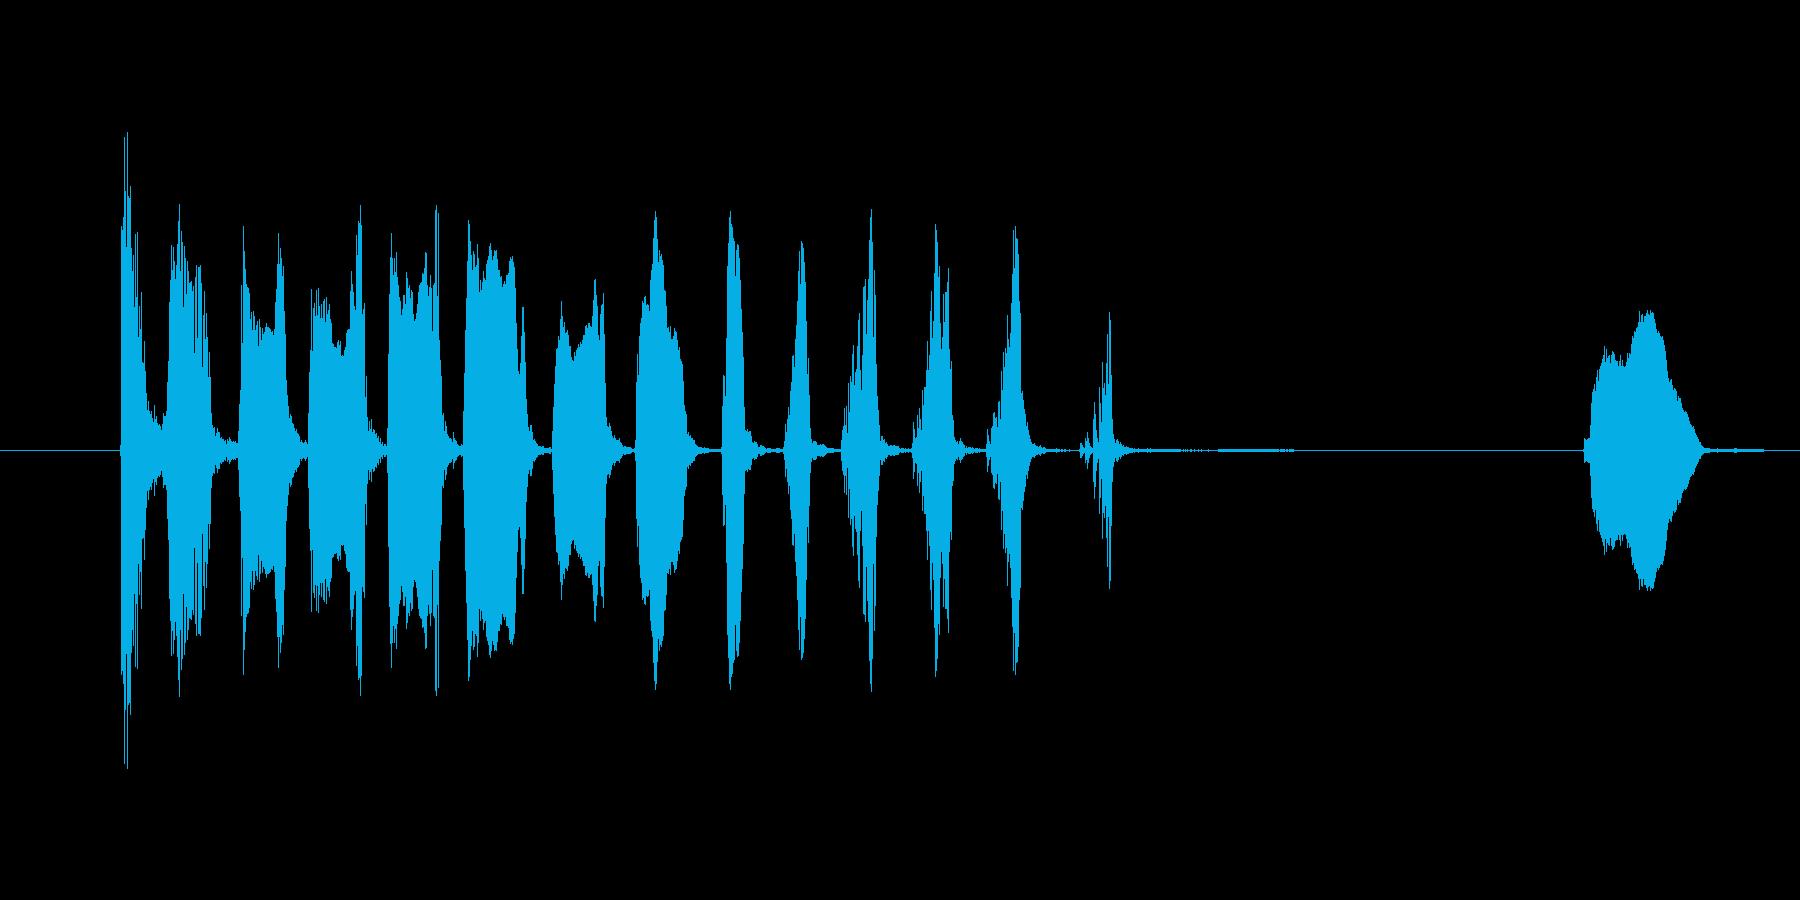 キャハハハッ〜!の再生済みの波形